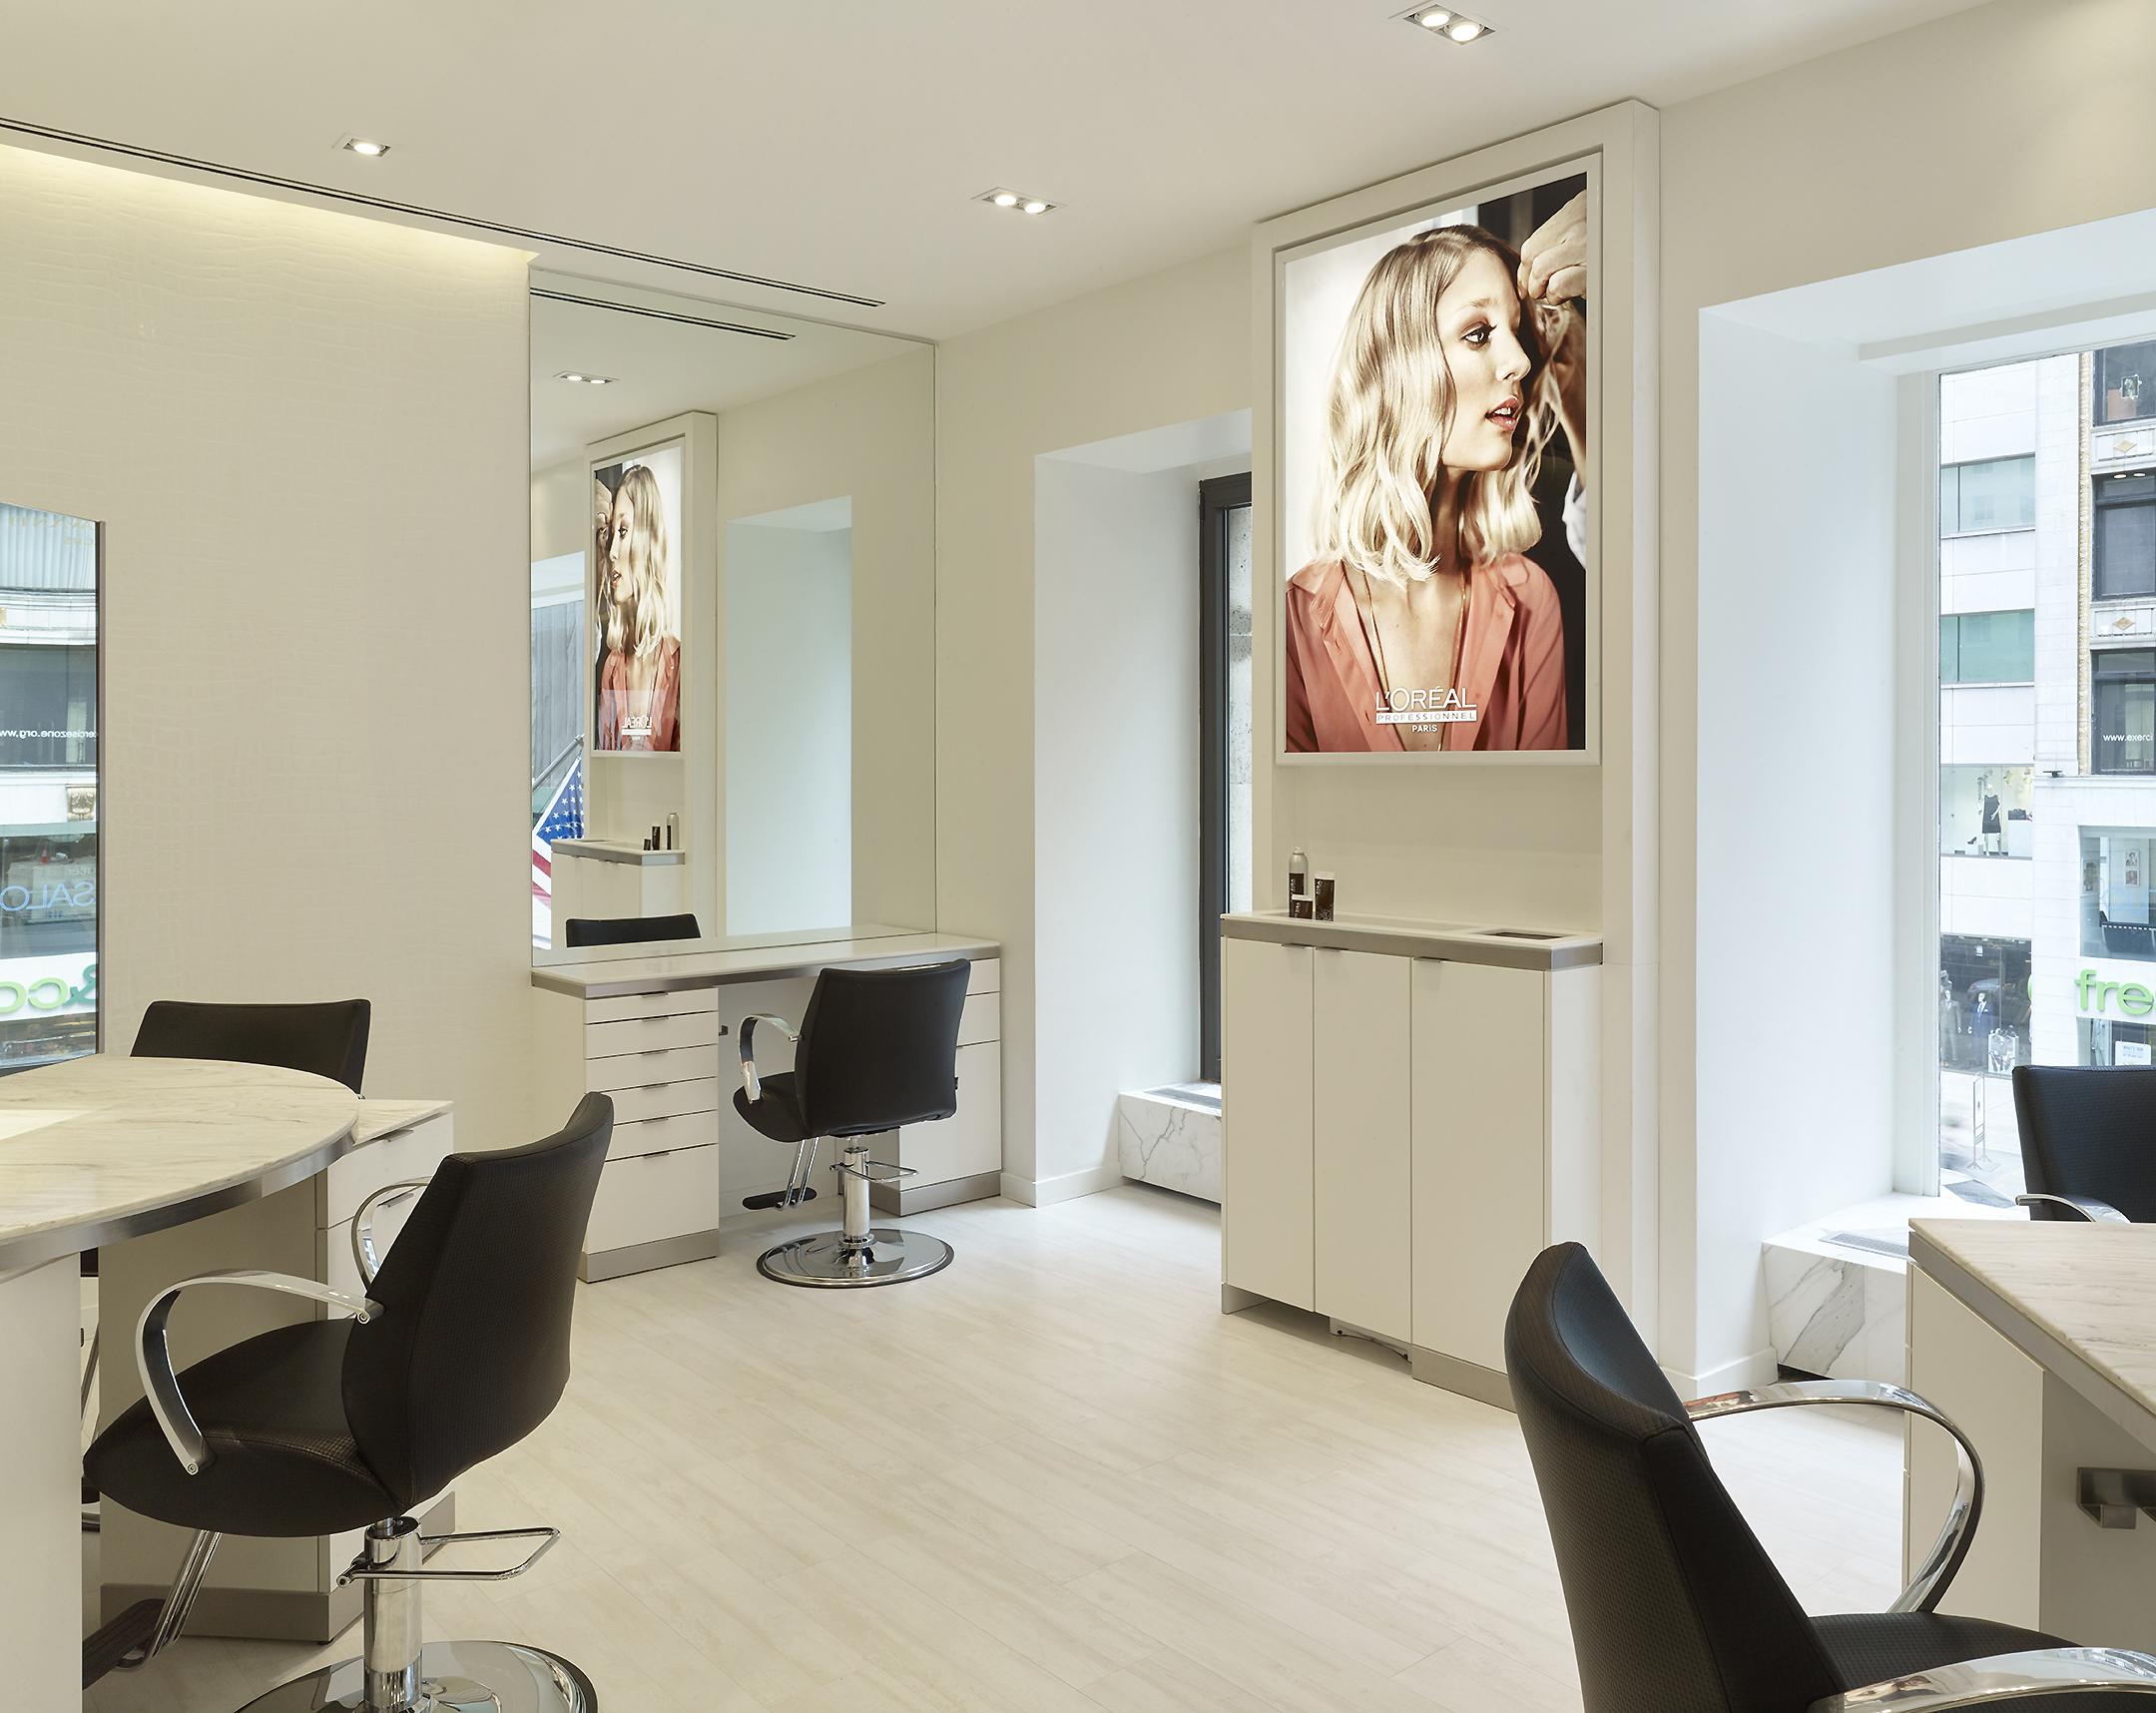 Salon Ziba_4.jpg